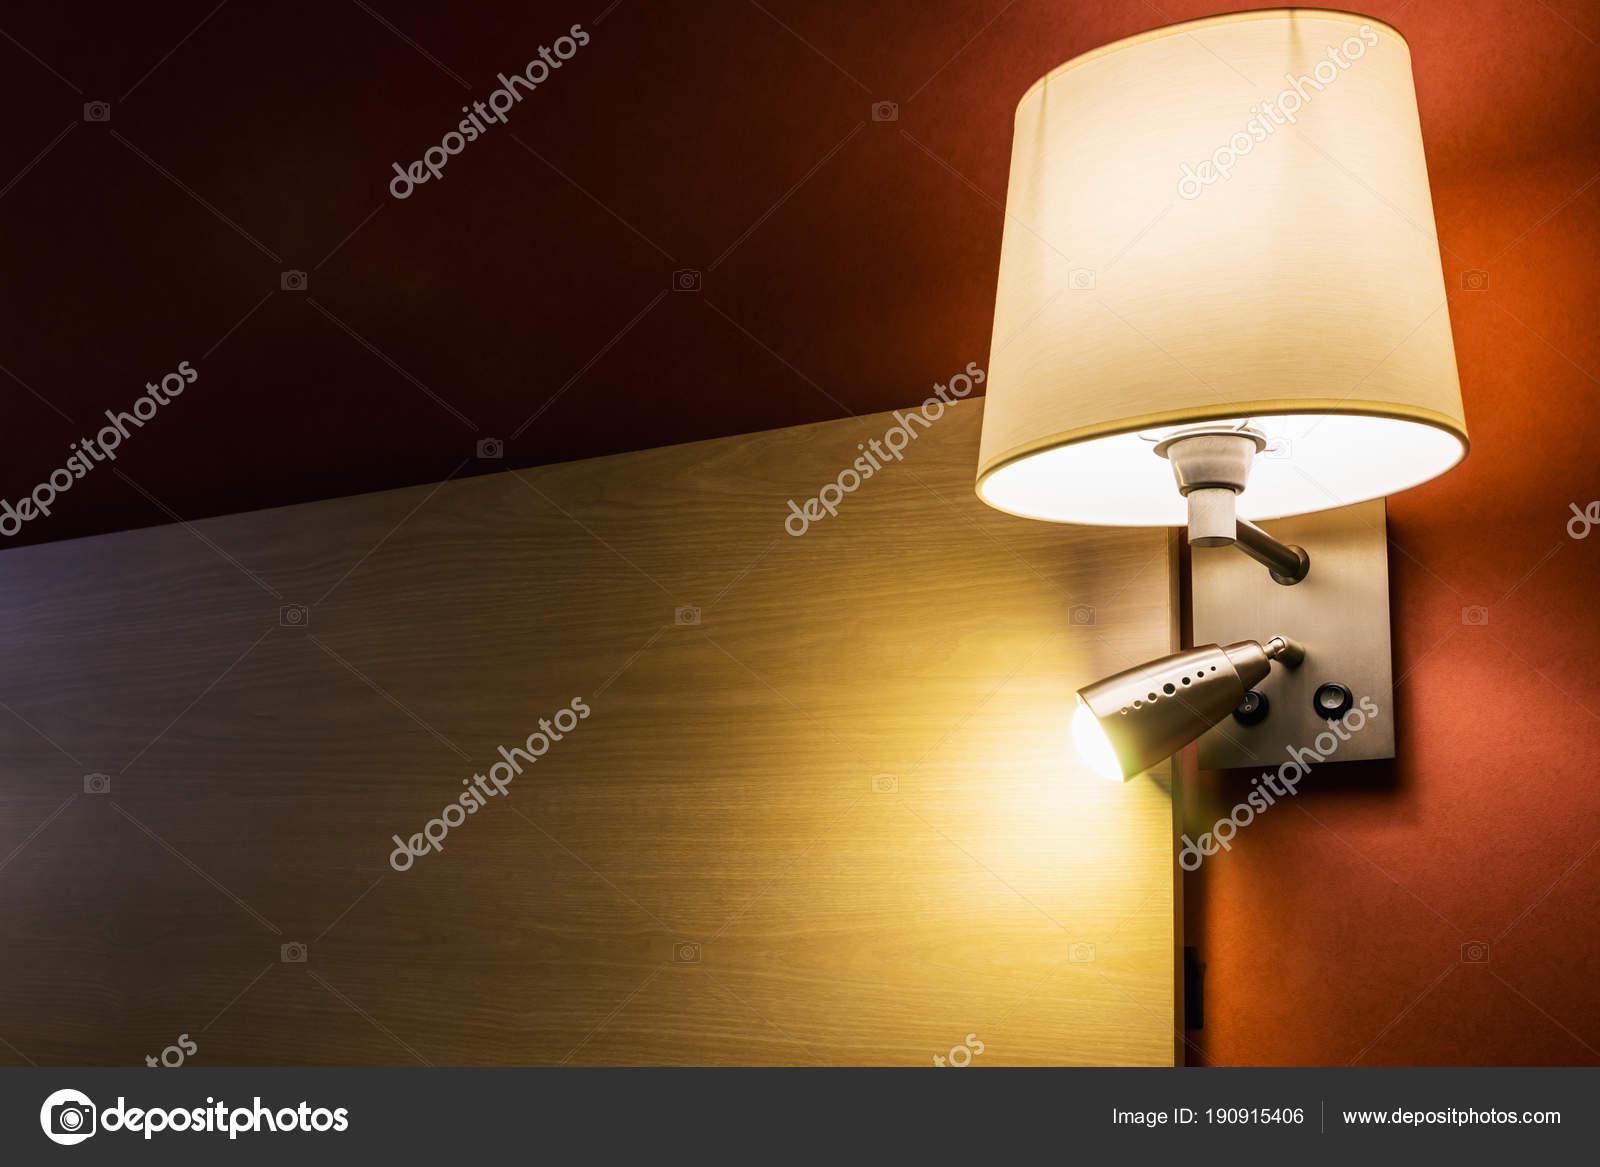 Lampade da muro sopra il letto in camera o camera dalbergo u2014 foto